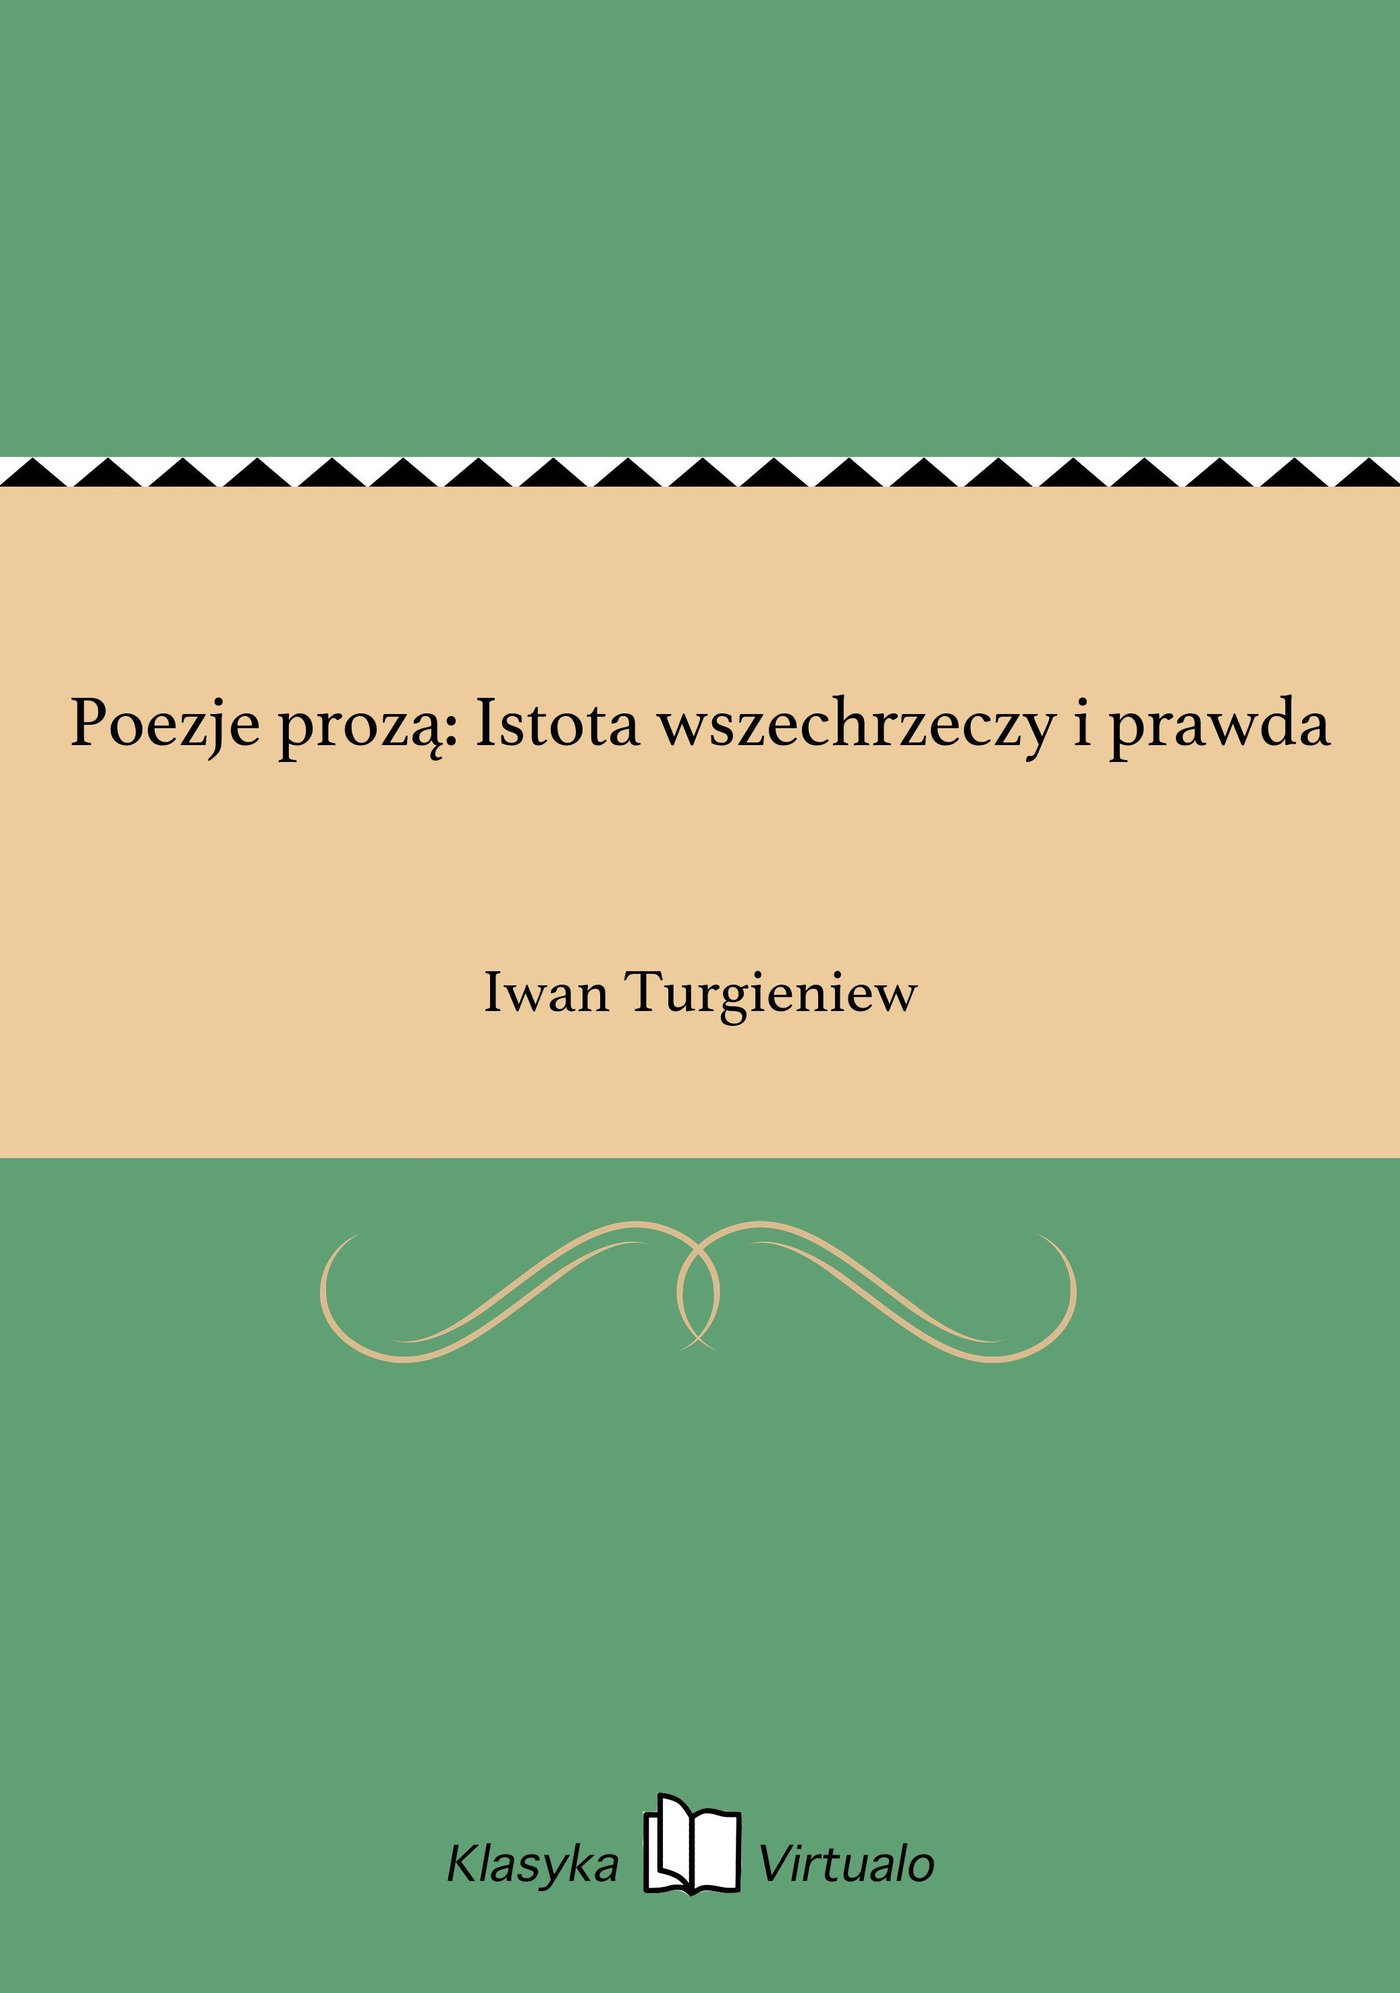 Poezje prozą: Istota wszechrzeczy i prawda - Ebook (Książka EPUB) do pobrania w formacie EPUB